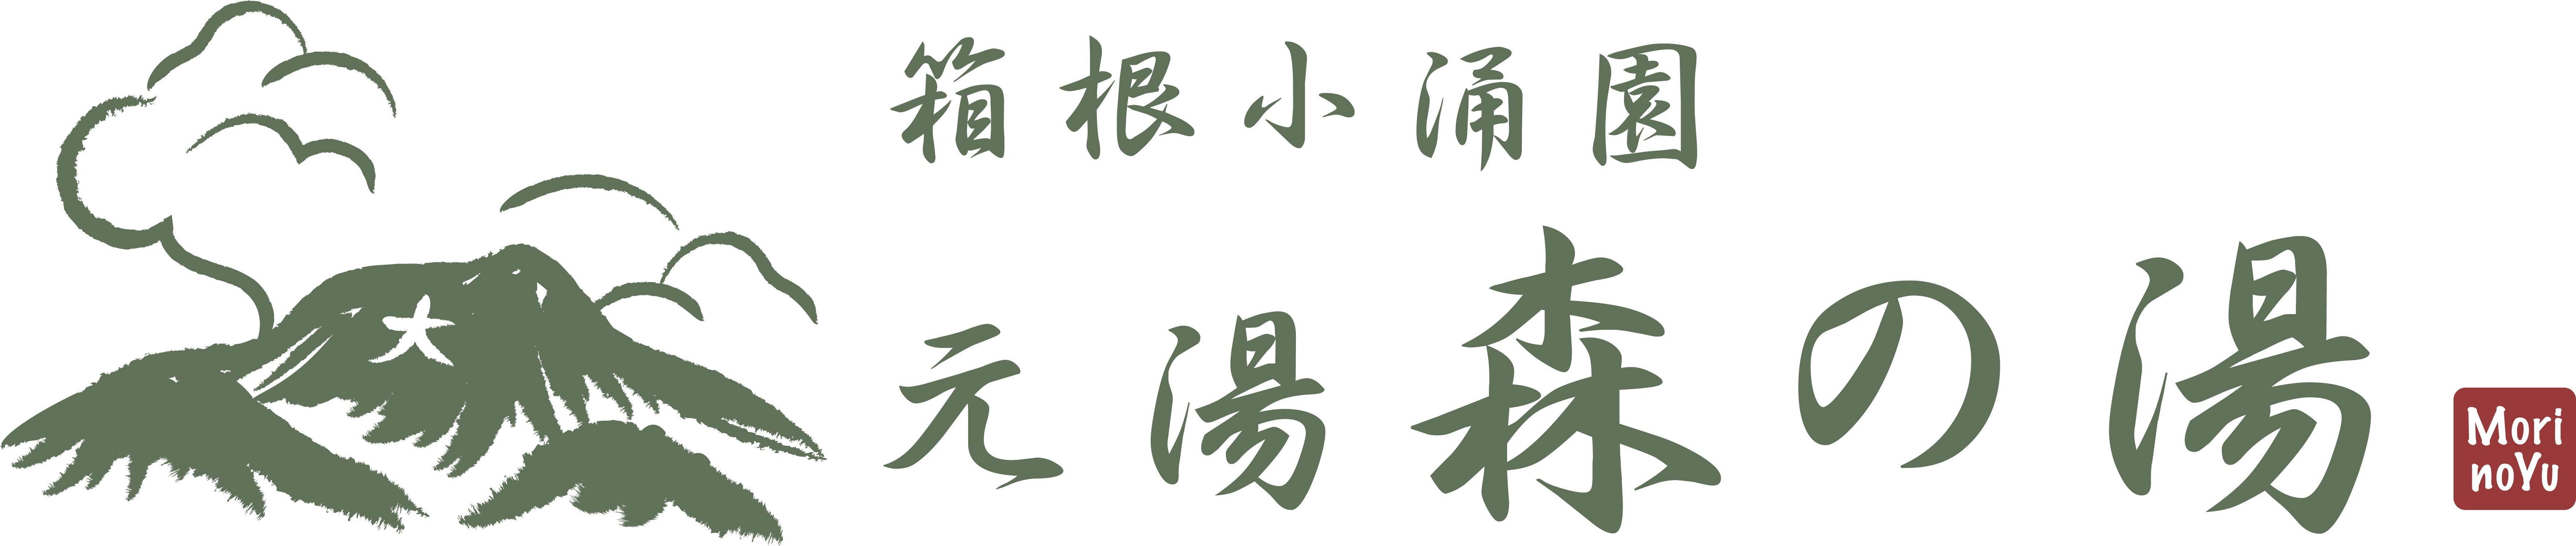 森の湯ロゴ